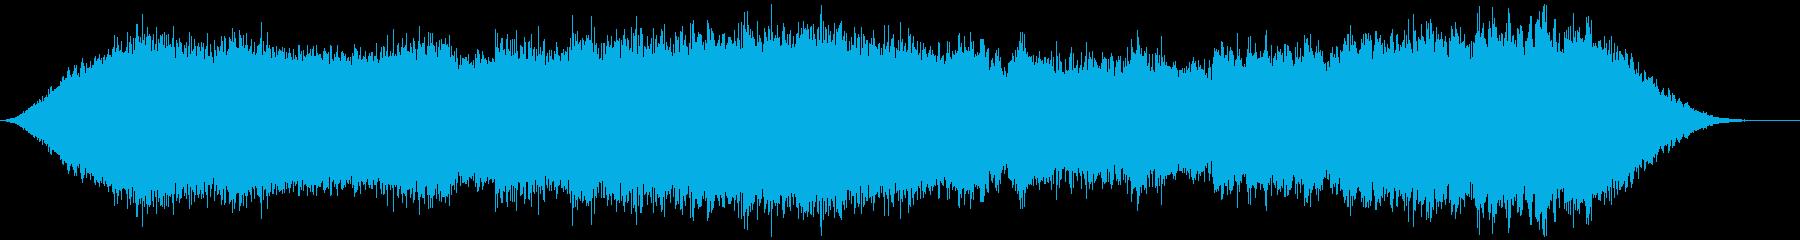 神秘的な雰囲気のアンビエント(背景音)6の再生済みの波形